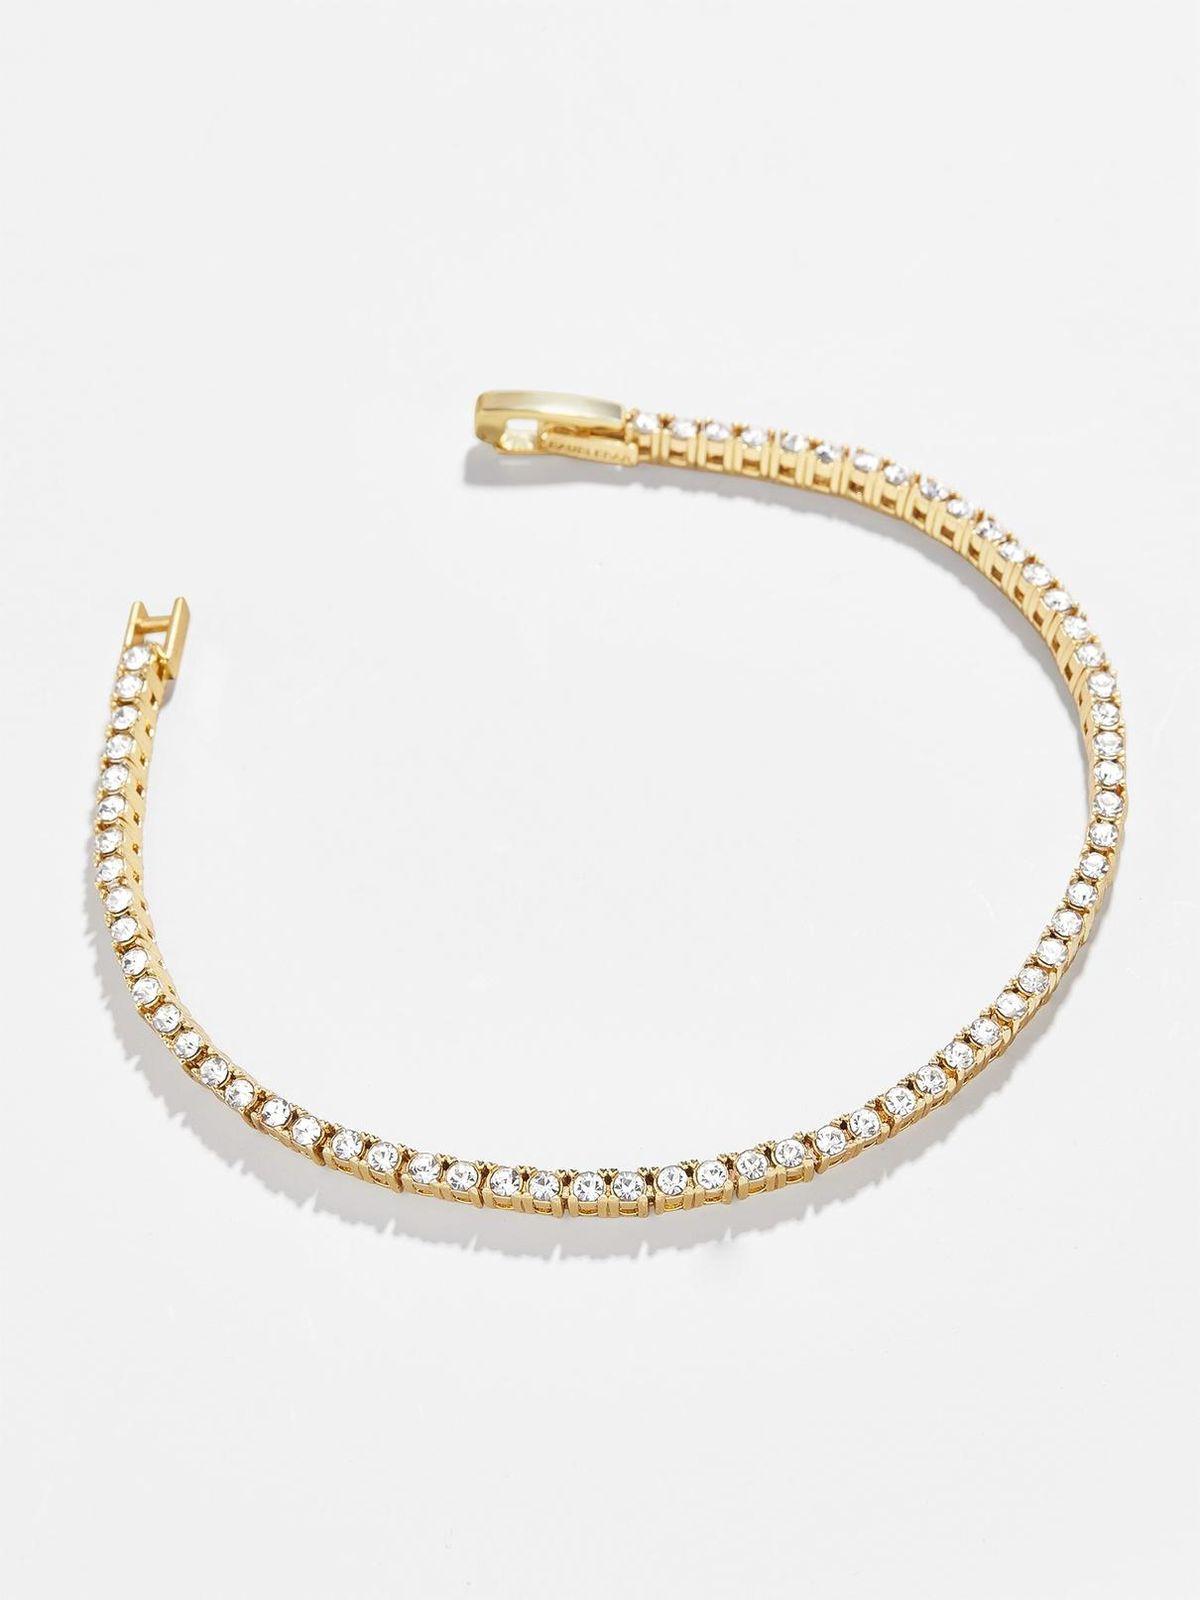 baublebar bennett tennis bracelet